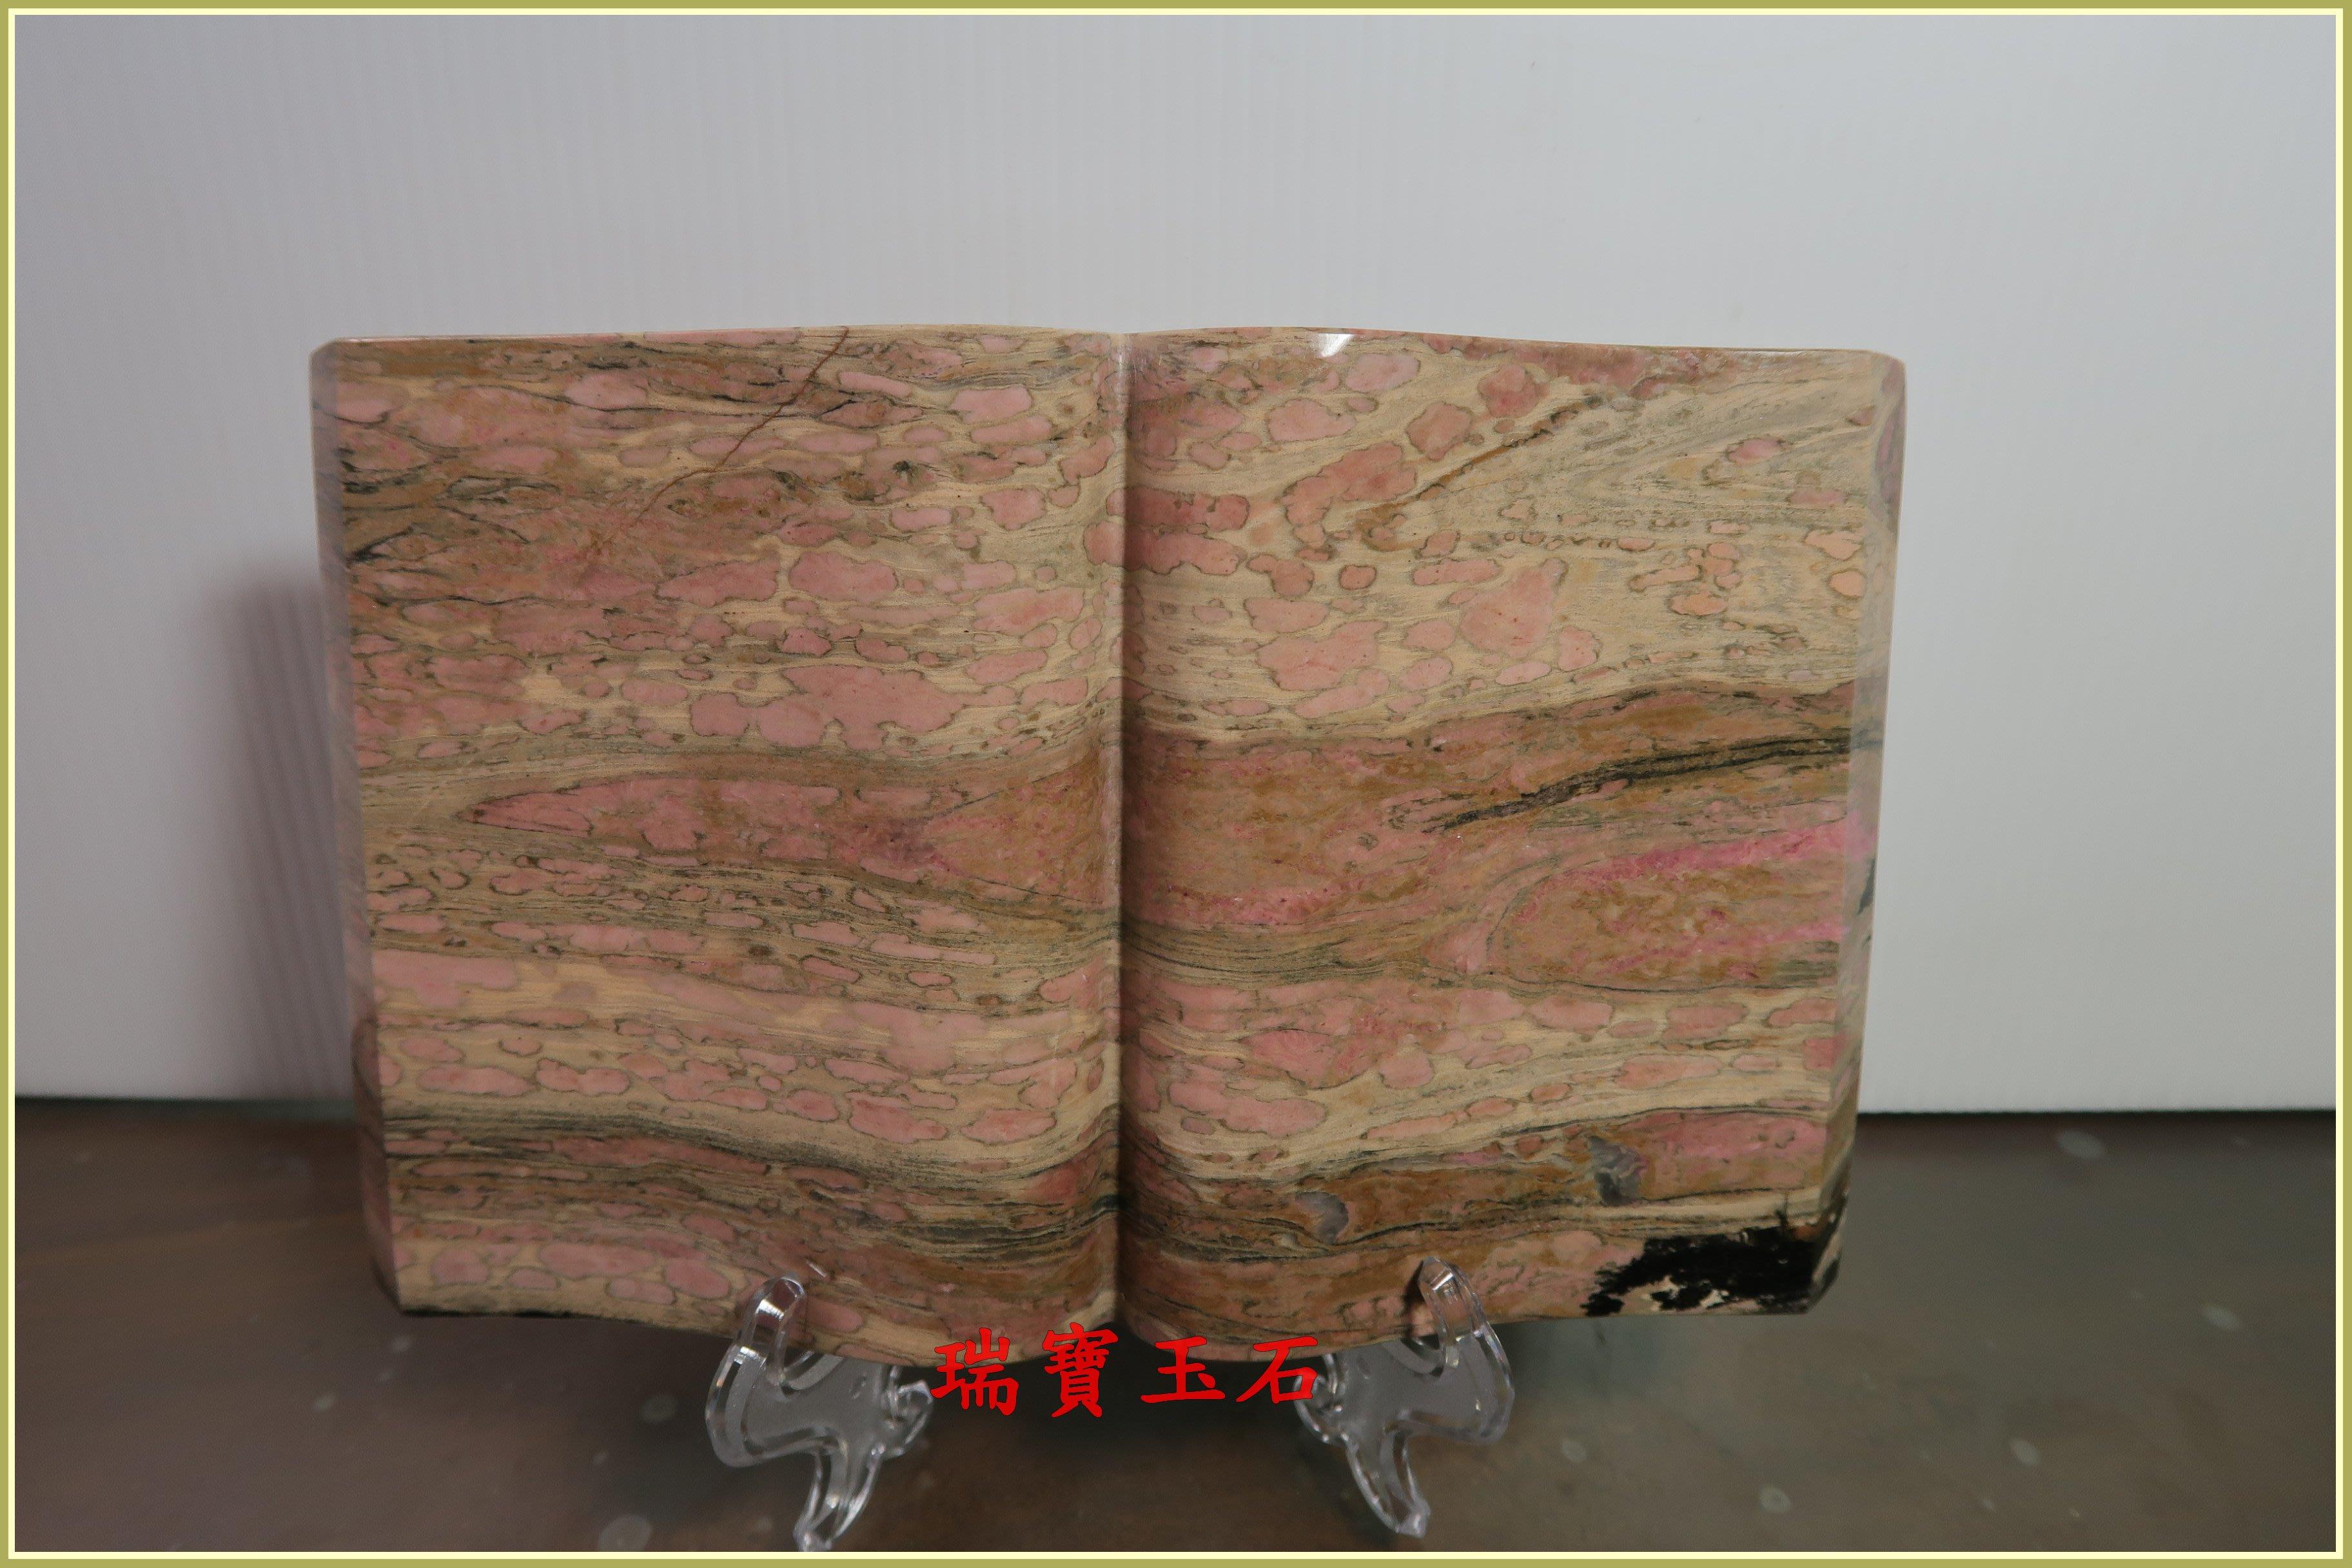 瑞寶玉石 ~ 天然意境 花蓮玫瑰石 (一本萬利~無字天書) 擺件 【H5592】